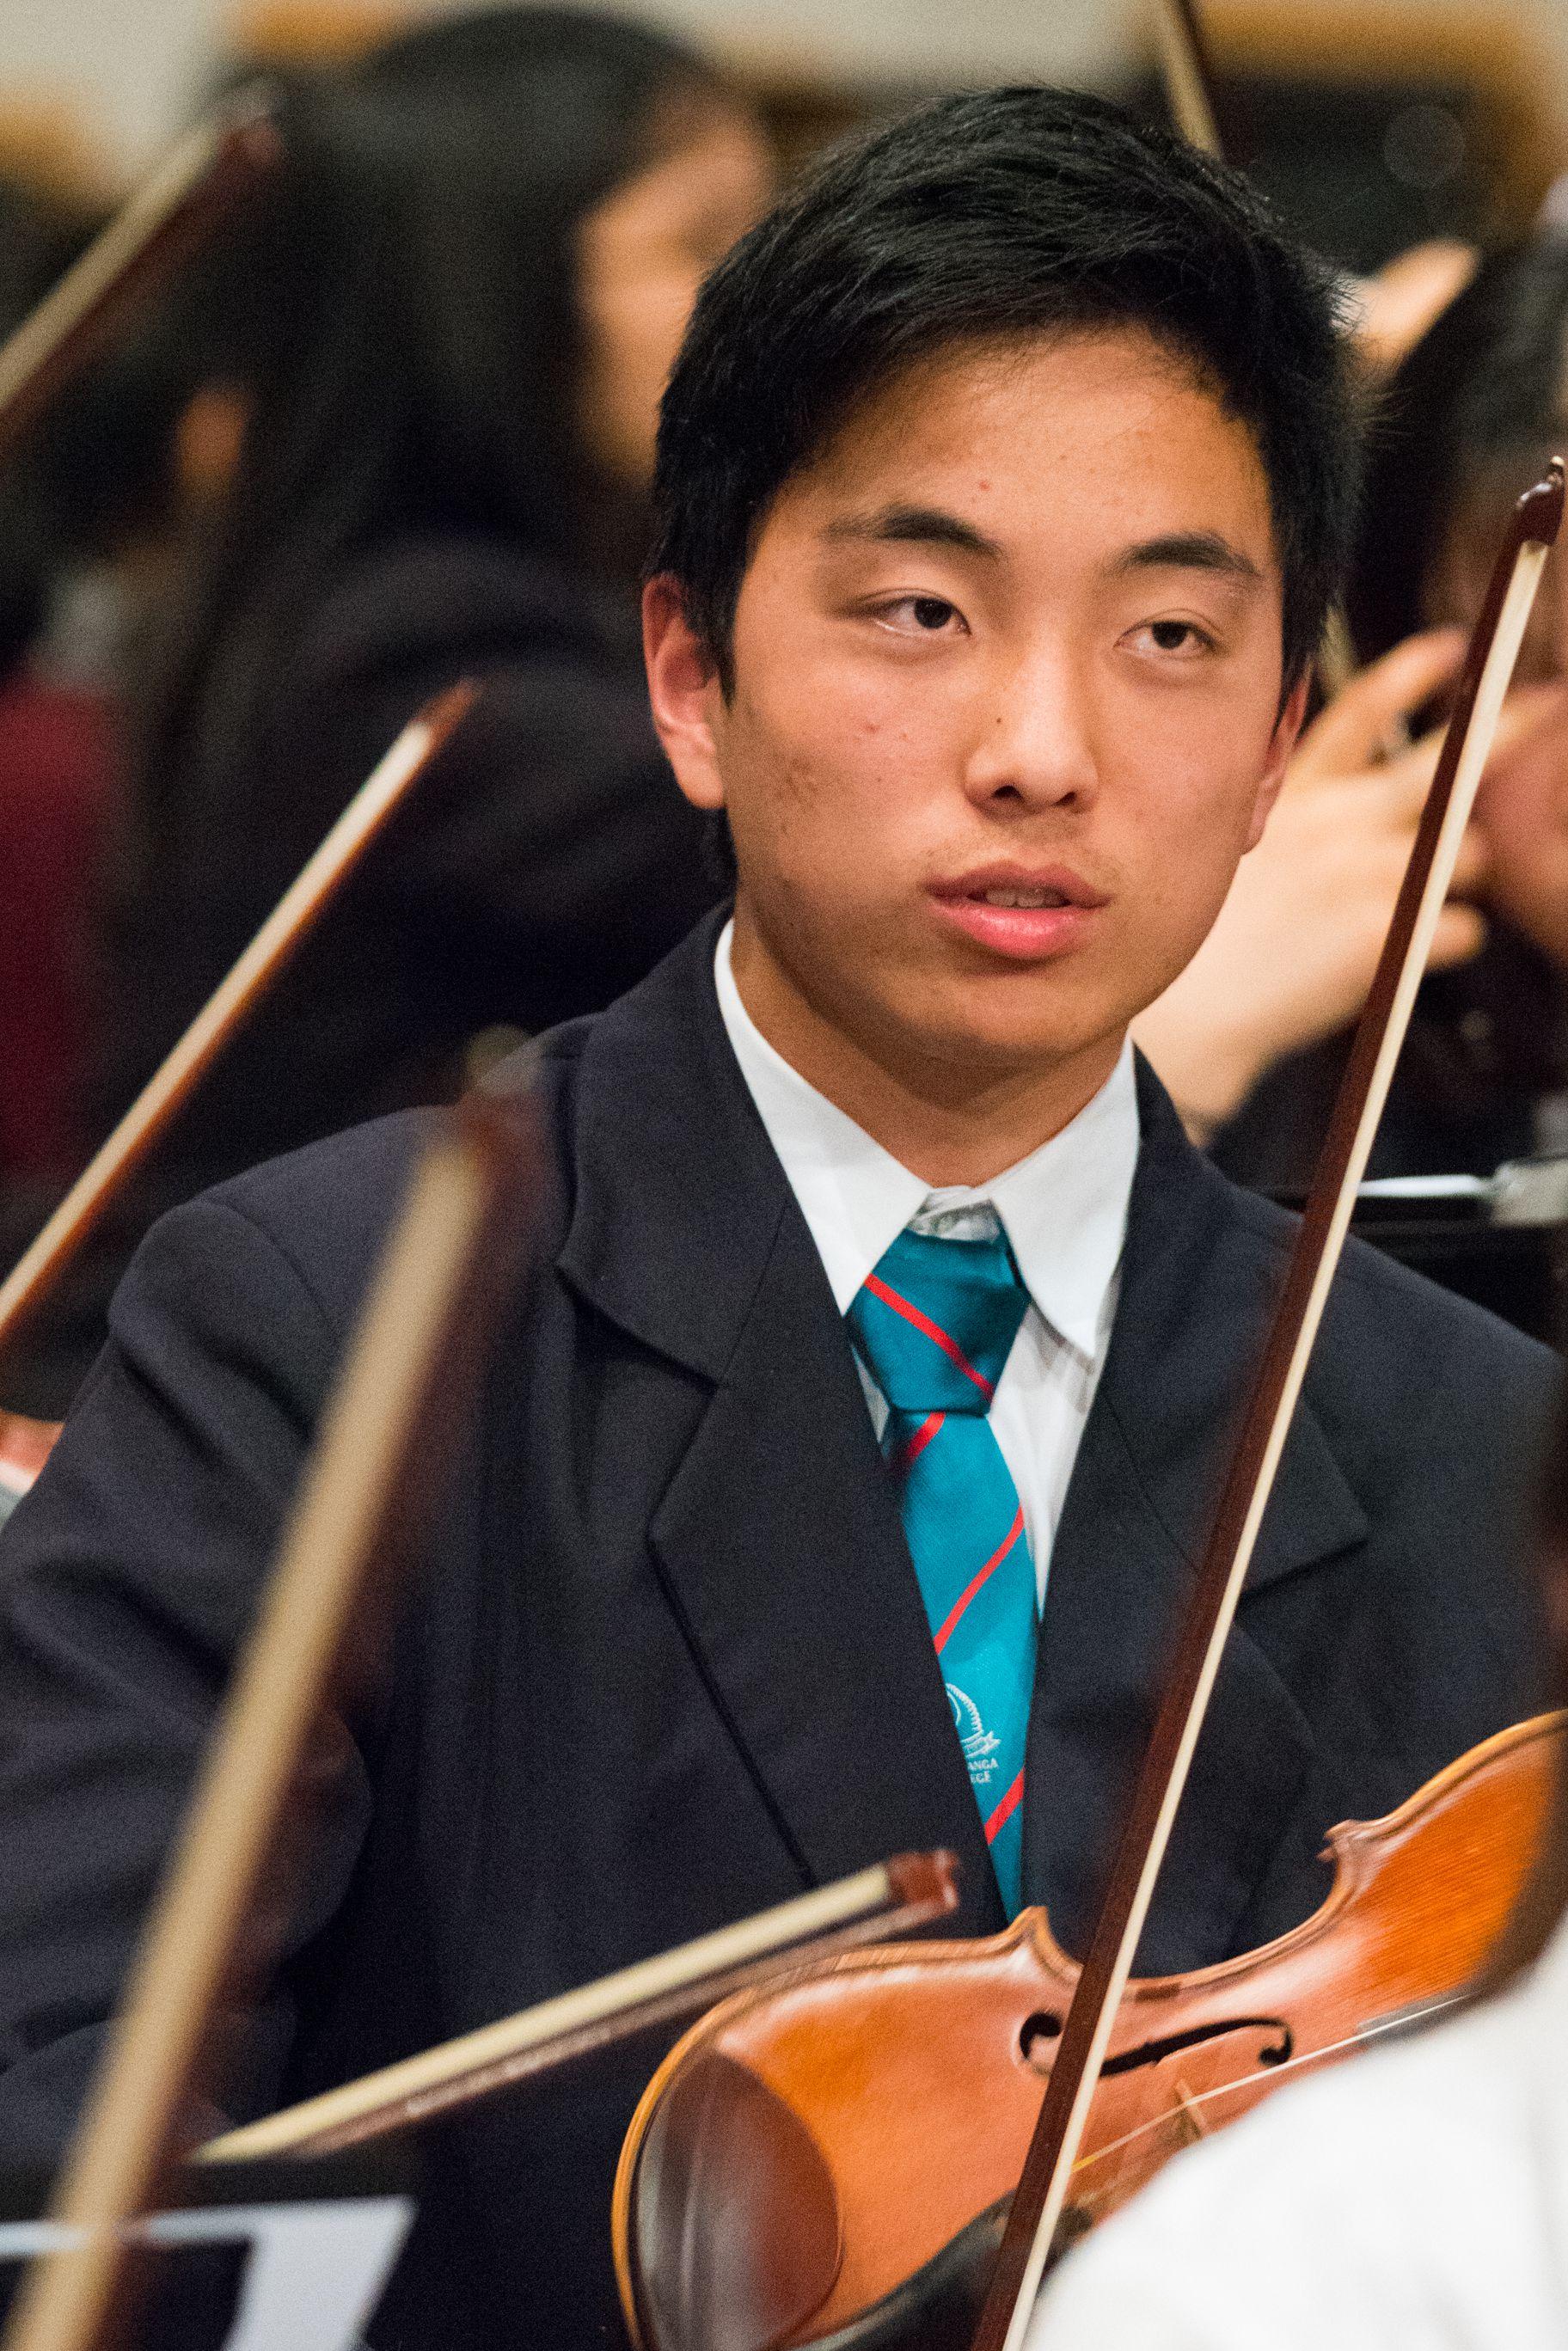 Martin Qiang